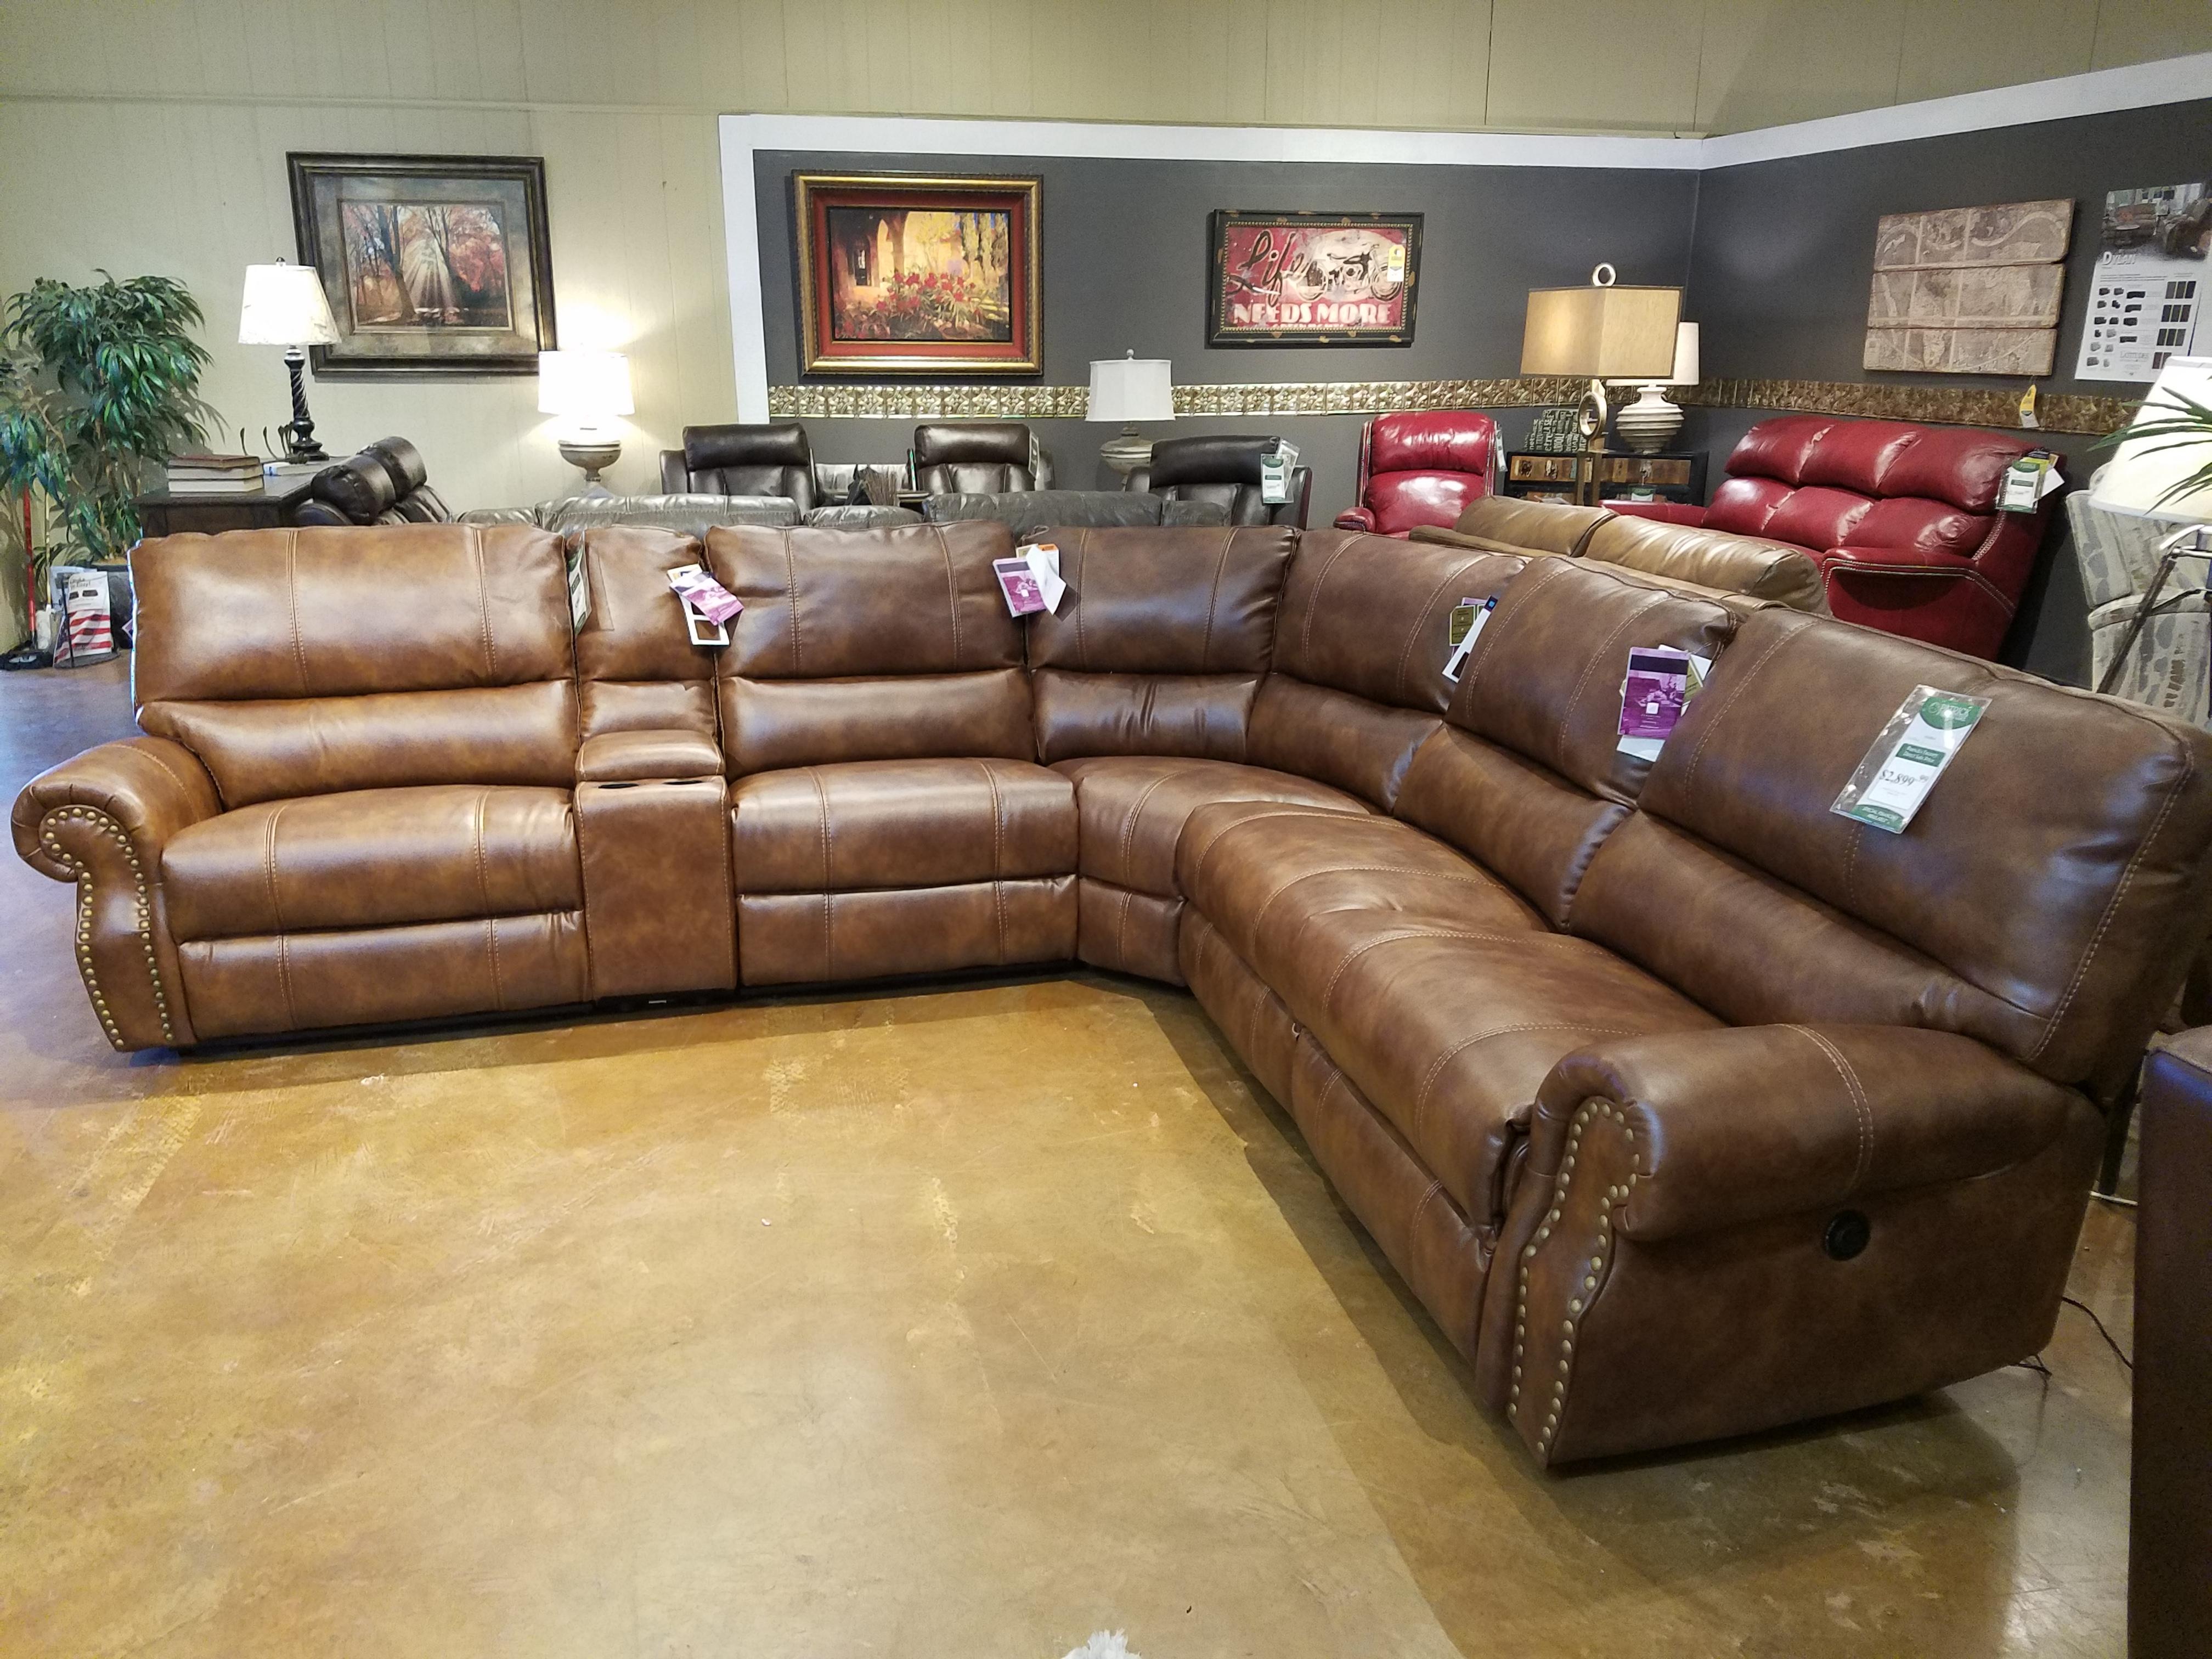 Patrick furniture in cape girardeau mo 63701 for Furniture mo